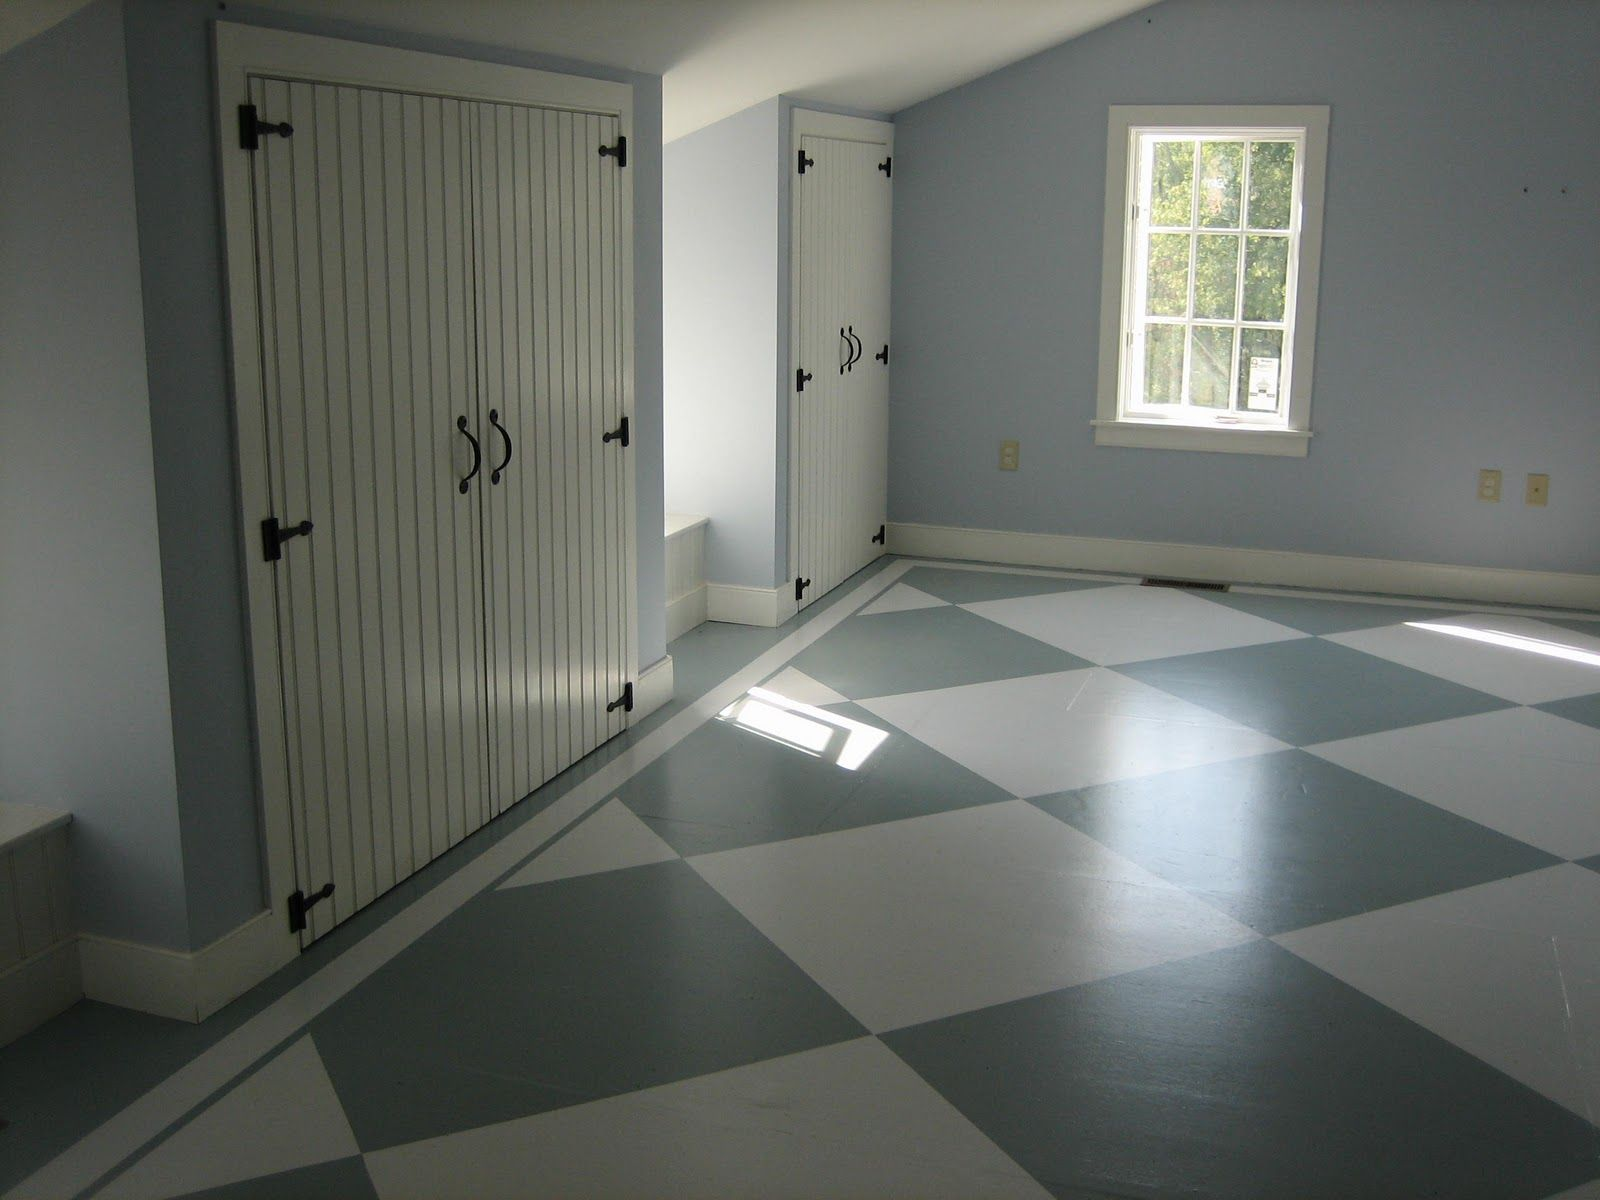 Best 25 Painted plywood floors ideas on Pinterest